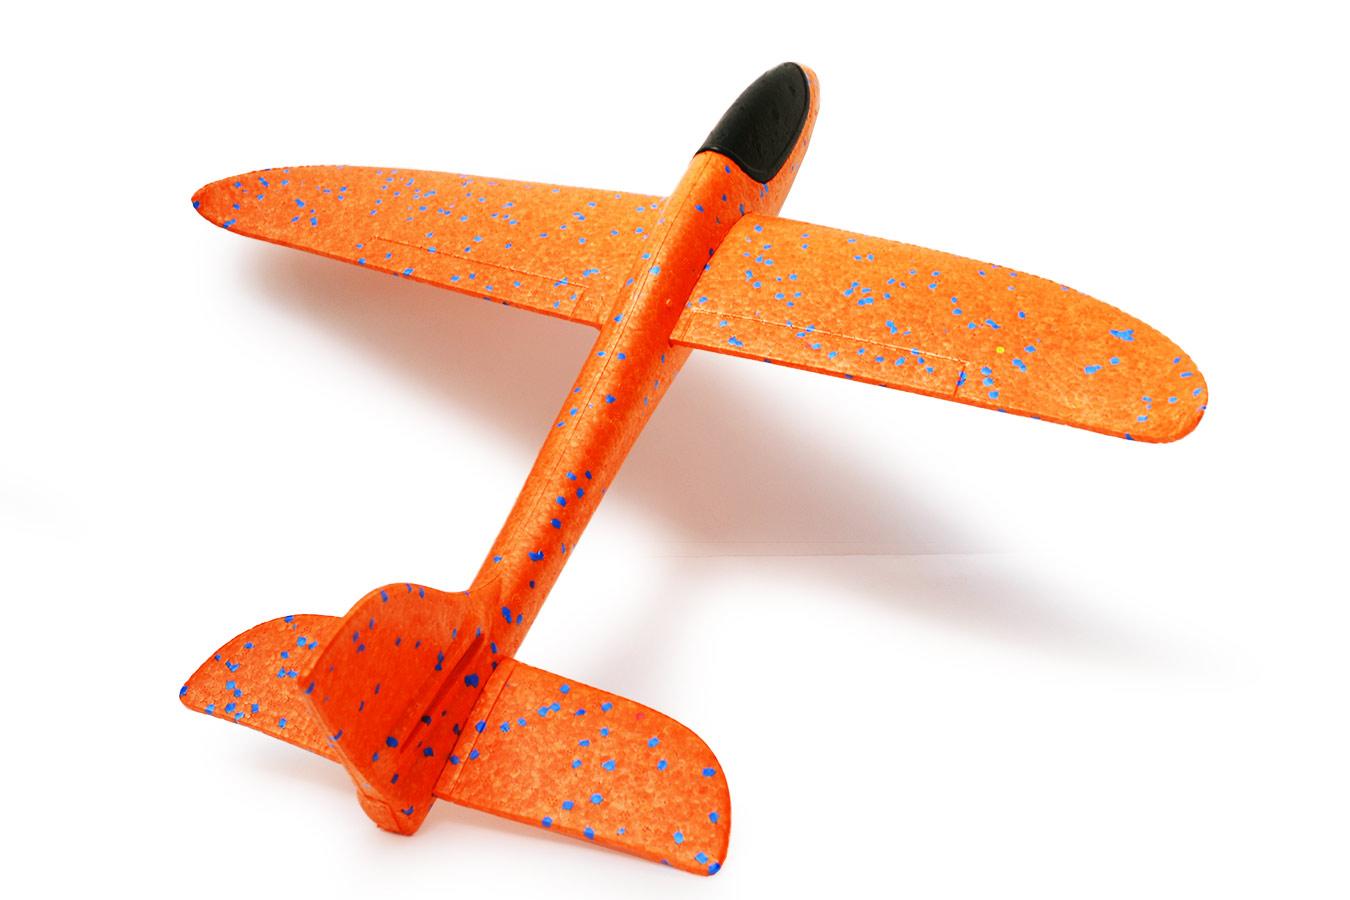 Планер 48 см оранжевый изображение 0